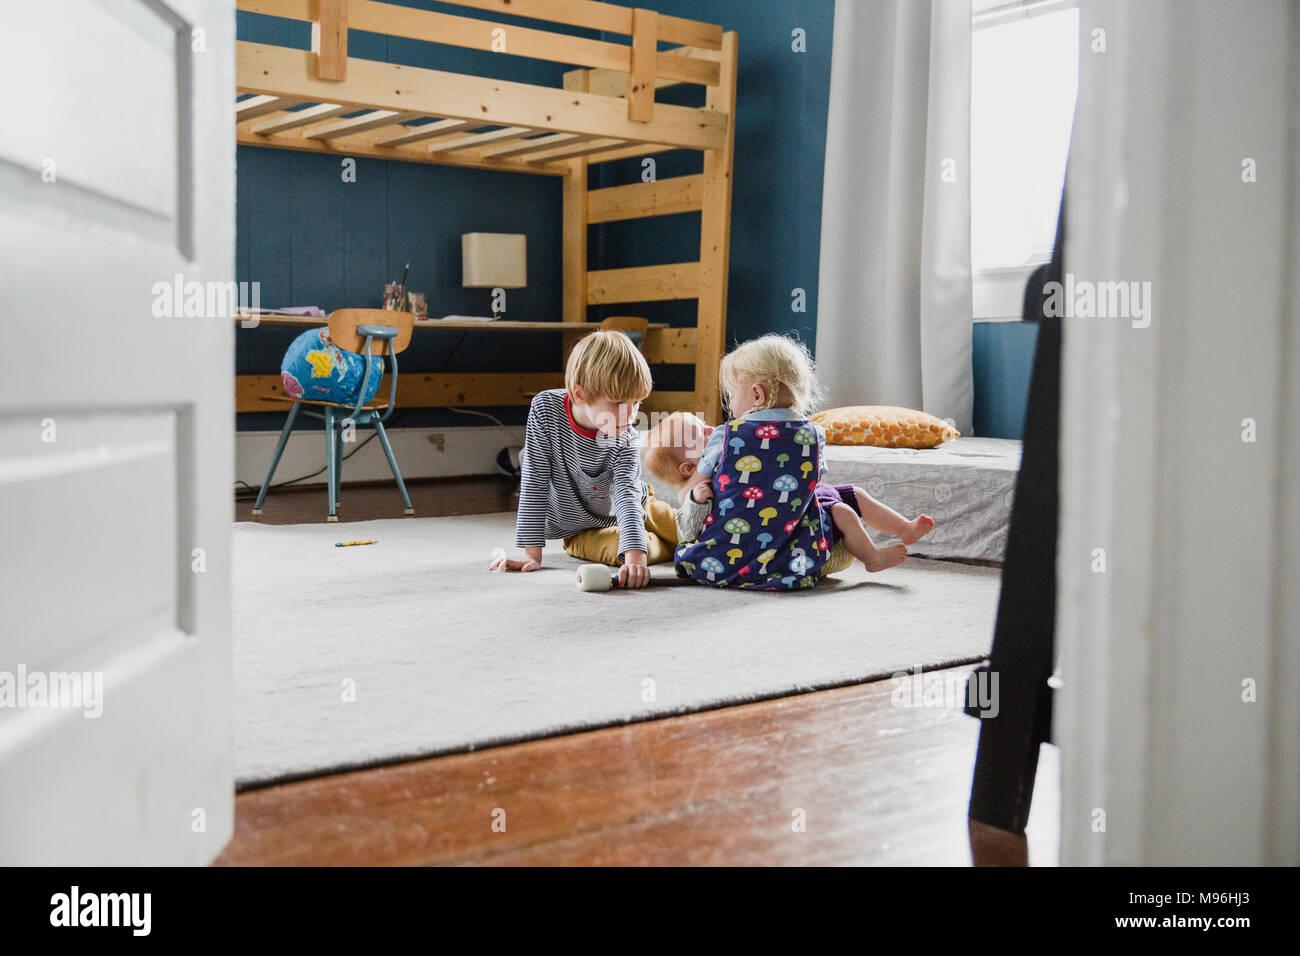 Camera Da Letto Da Bambino : Due bambini e baby sitting in camera da letto foto immagine